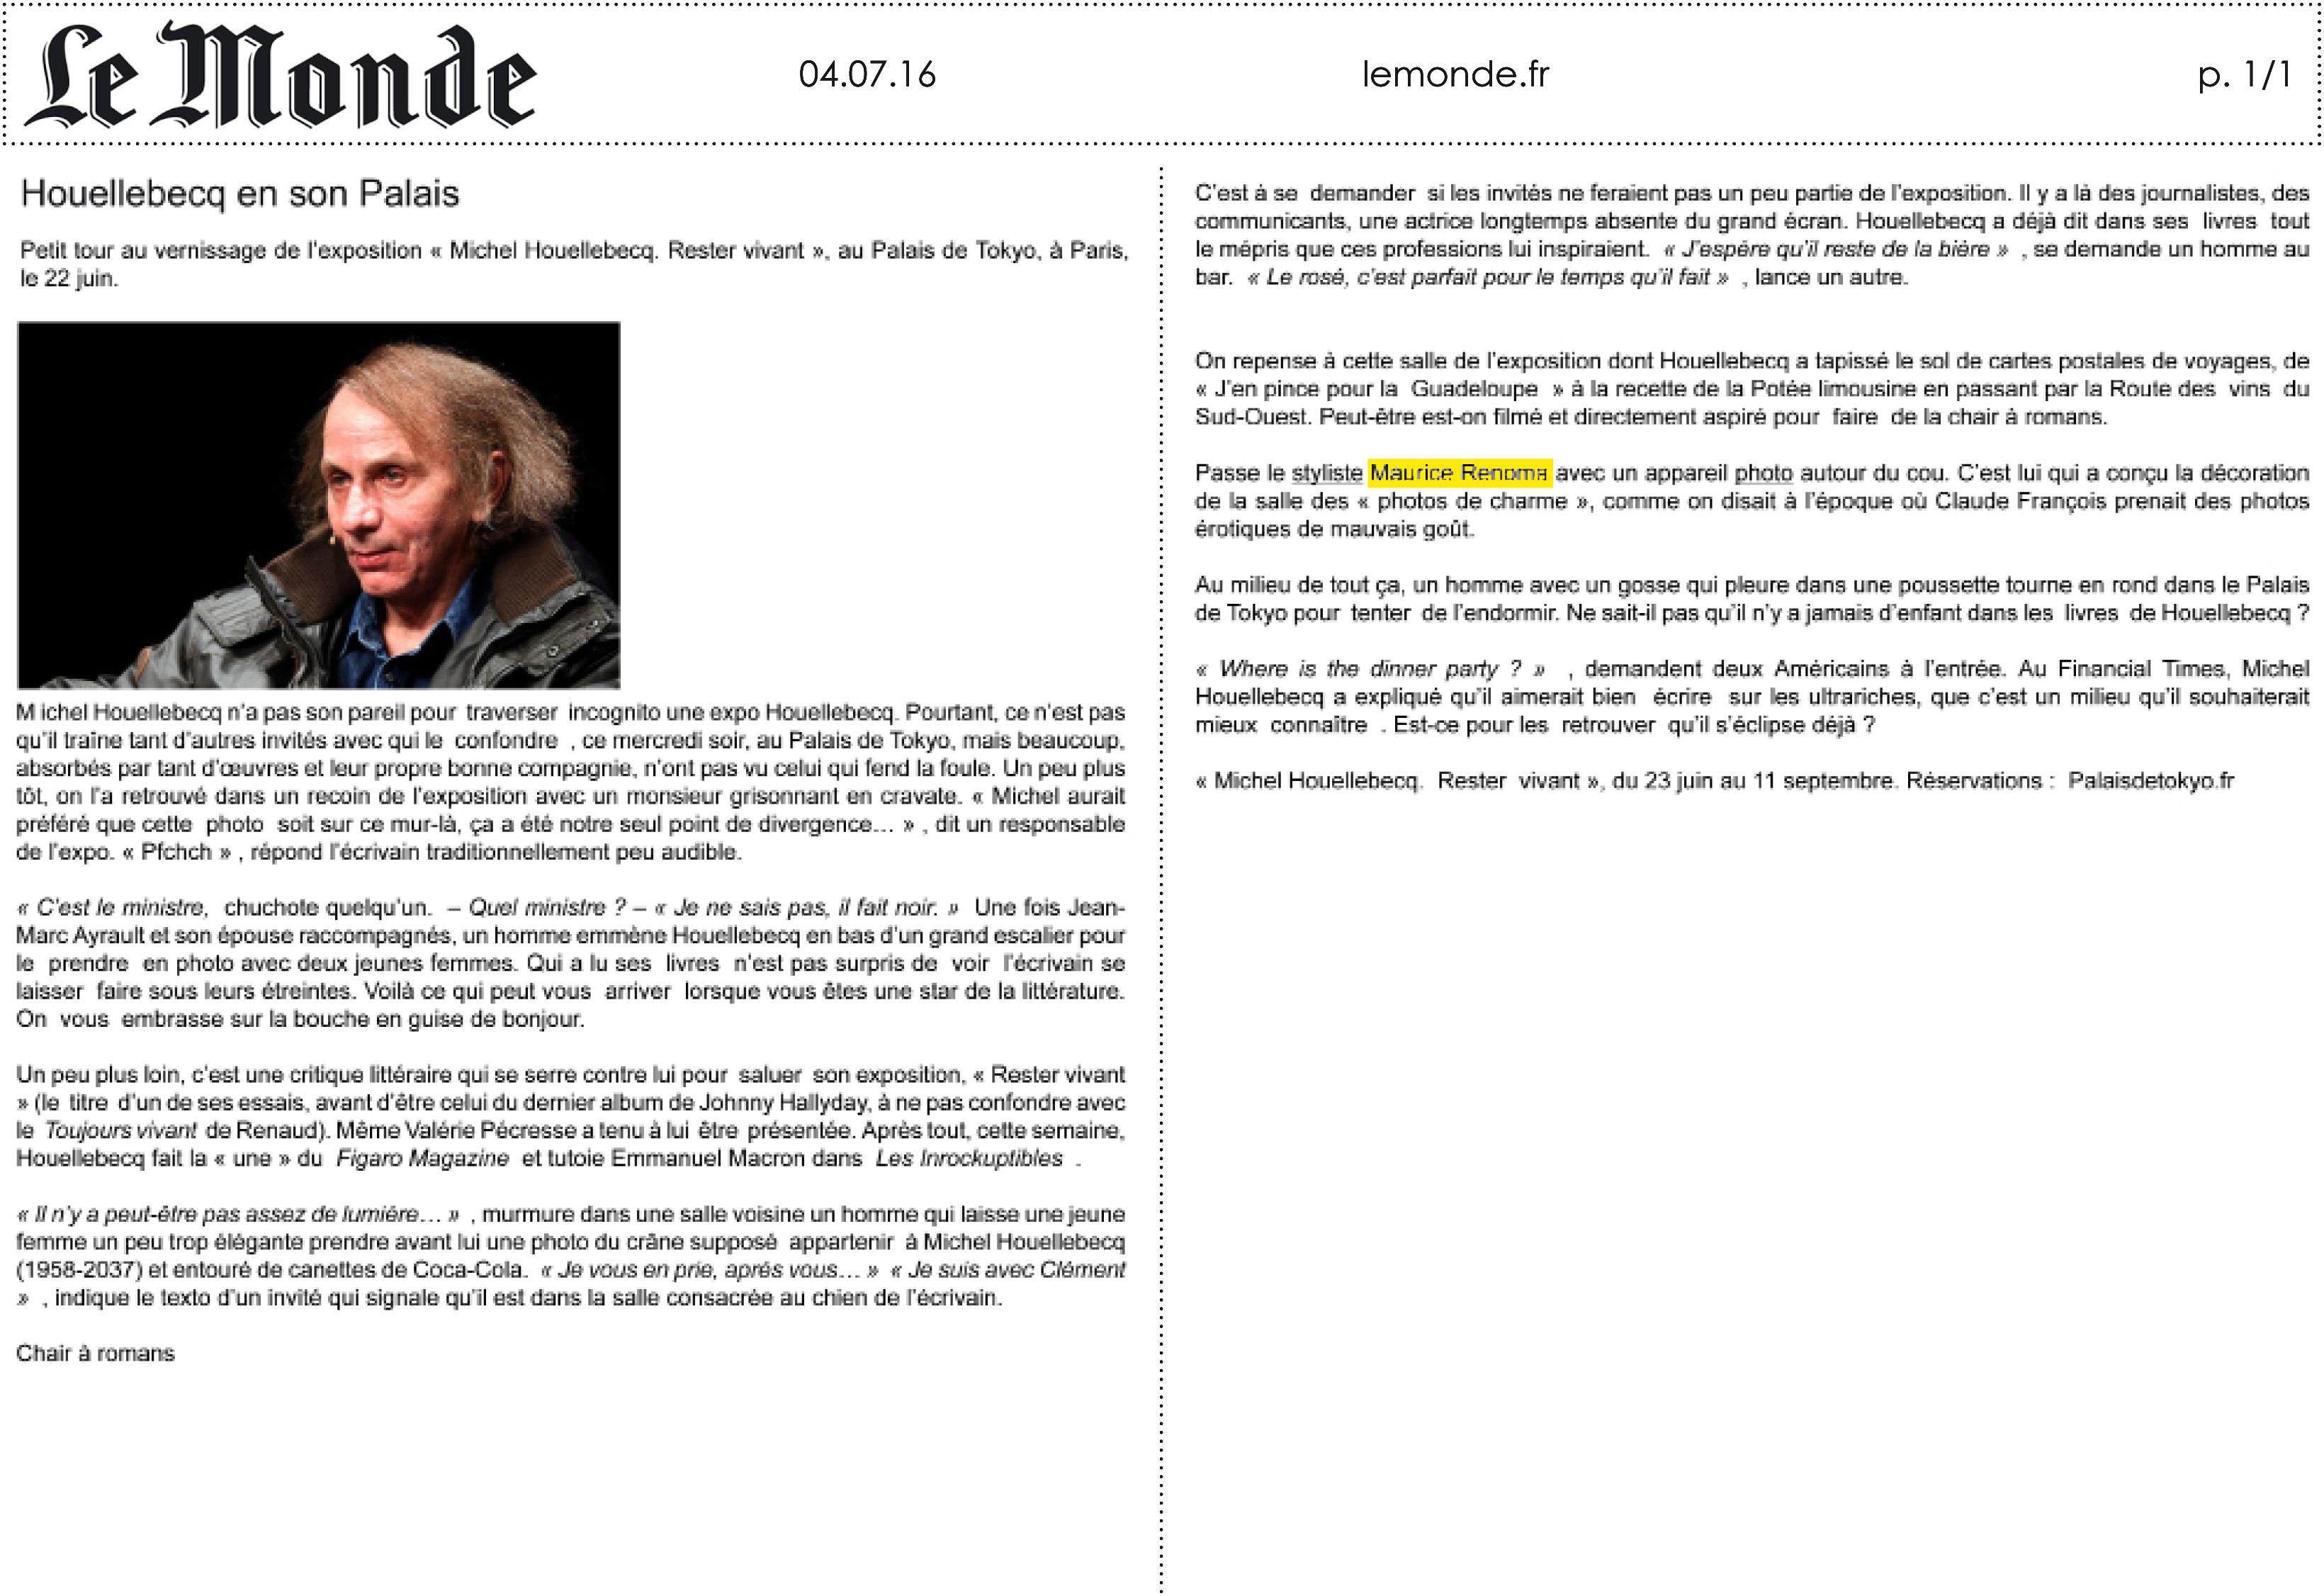 04.07.16 _ Le Monde